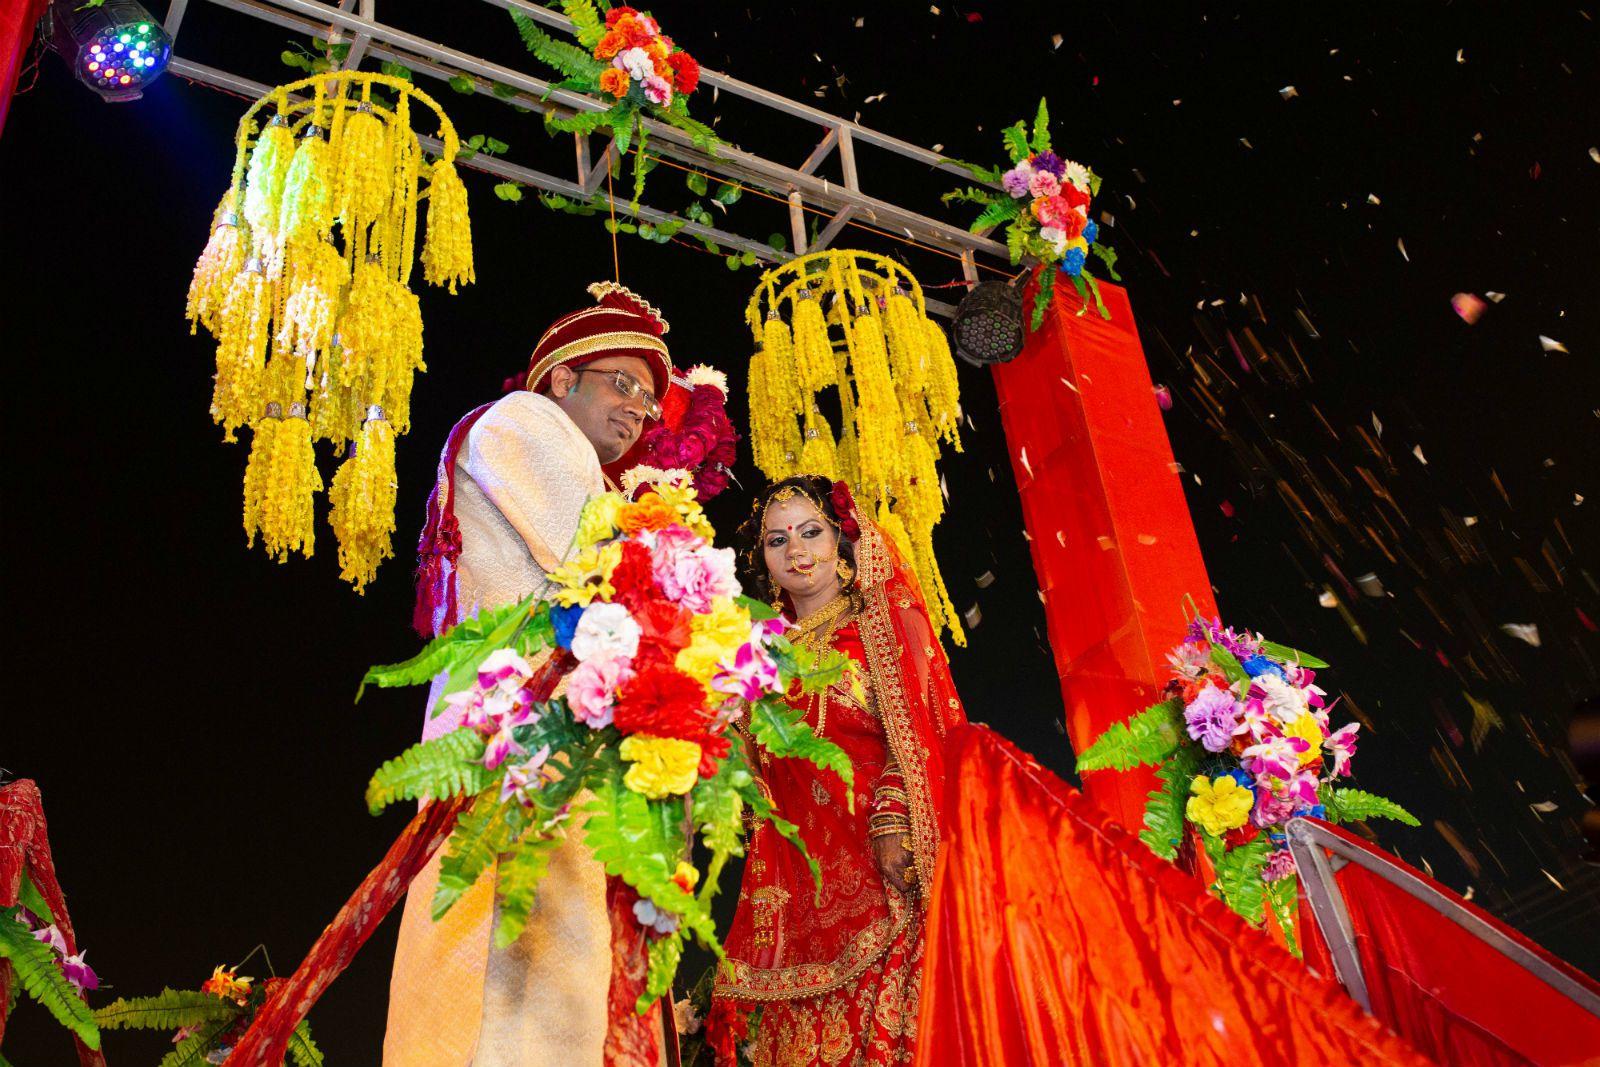 vjenčanje i upoznavanje običaja u Indiji